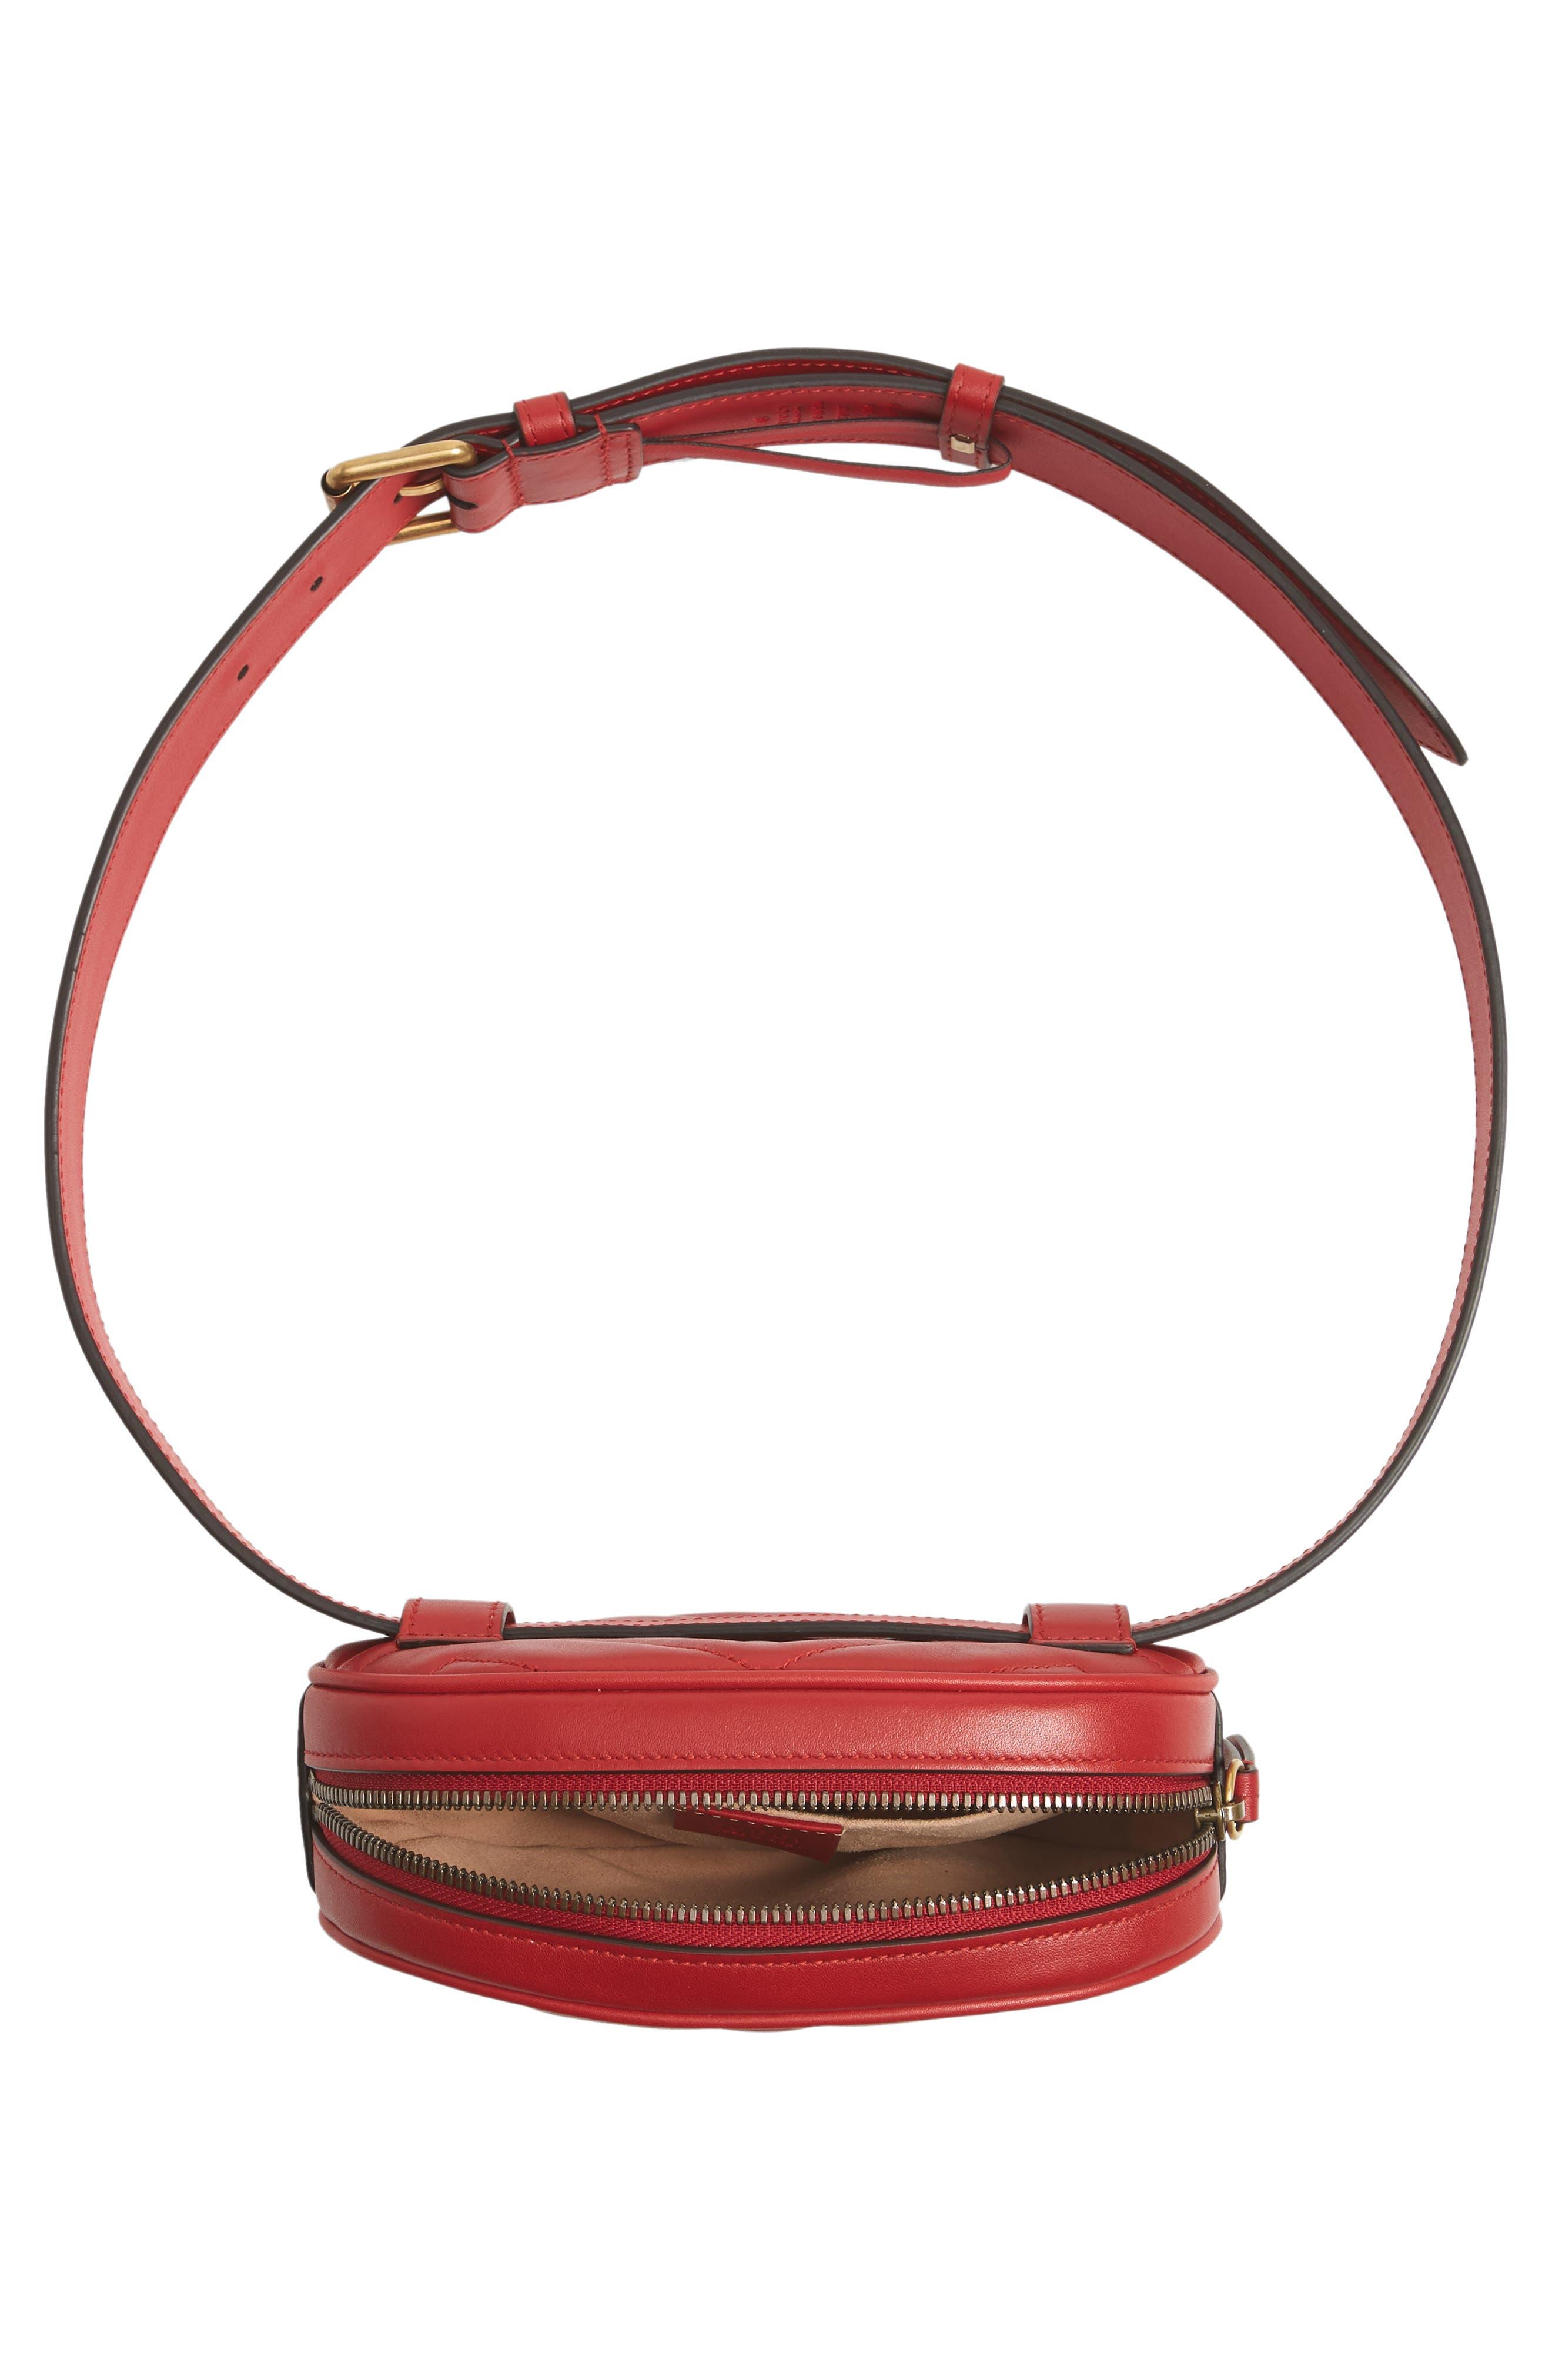 GG Marmont Matelassé Leather Belt Bag,                             Alternate thumbnail 5, color,                             625